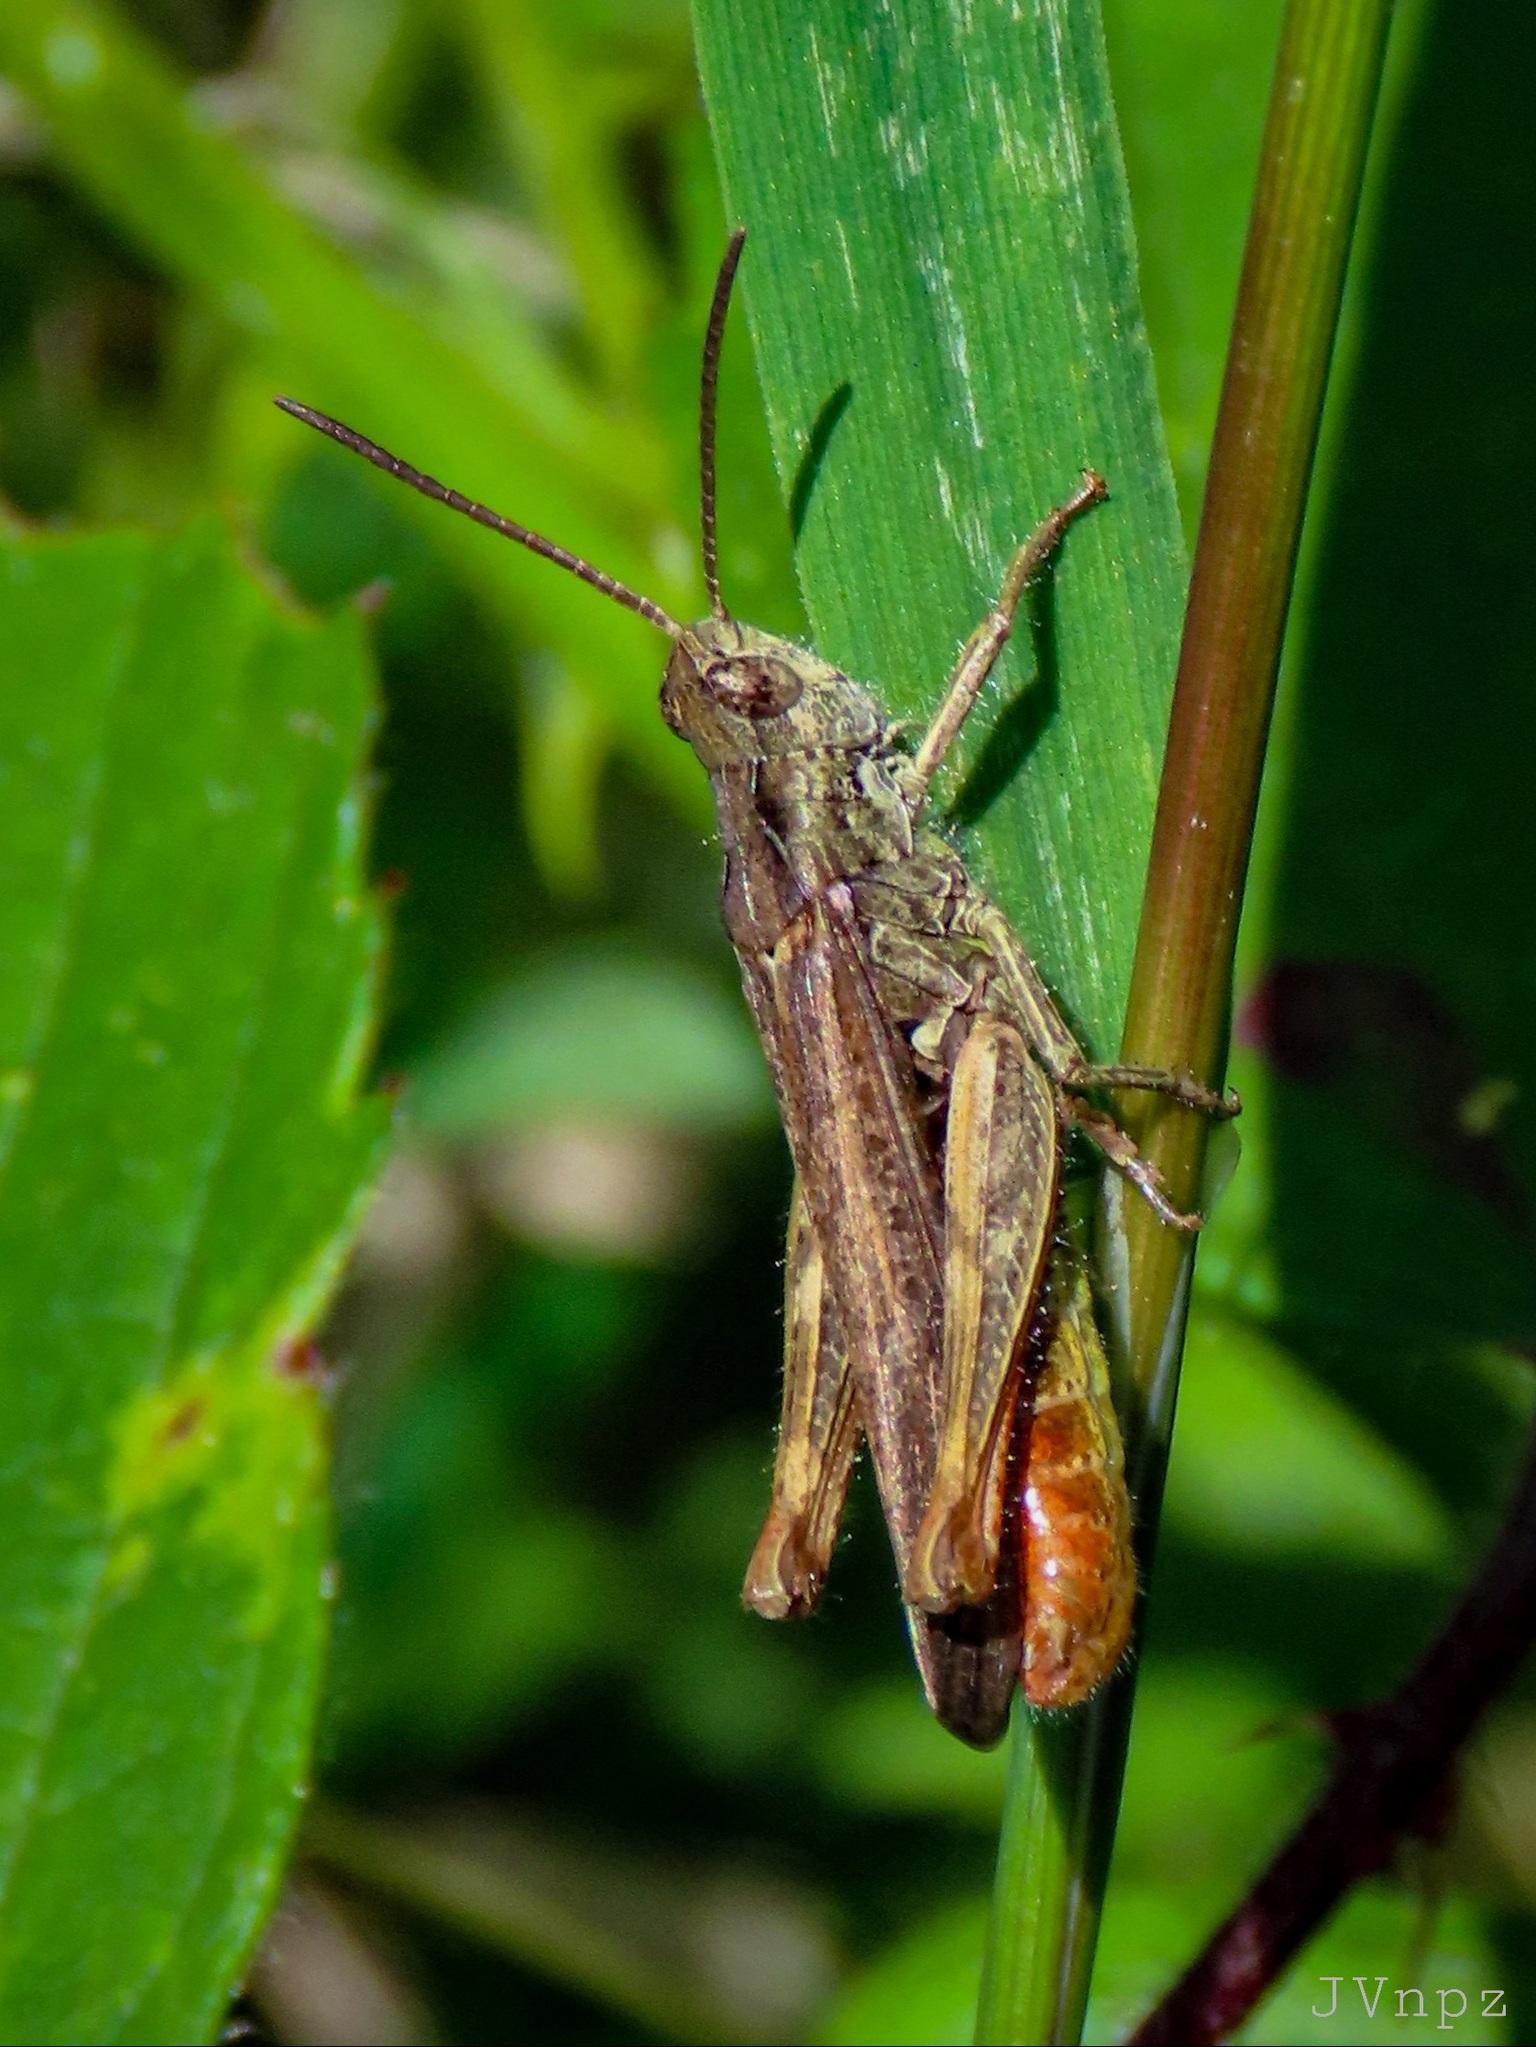 Bruine Sprinkhaan - De Bruine Sprinkhaan is een veldsprinkhaan, een veel voorkomende Sprinkhaan in Nederland. Dit is een goed gecamoufleerde Sprinkhaan. - foto door Vissernpz op 13-04-2021 - locatie: Assen, Nederland - deze foto bevat: veldsprinkhaan, groen, open veld, insect, insect, oog, geleedpotigen, fabriek, band gevleugelde sprinkhanen, sprinkhaan, sprinkhaan, plaag, cricket, terrestrische plant